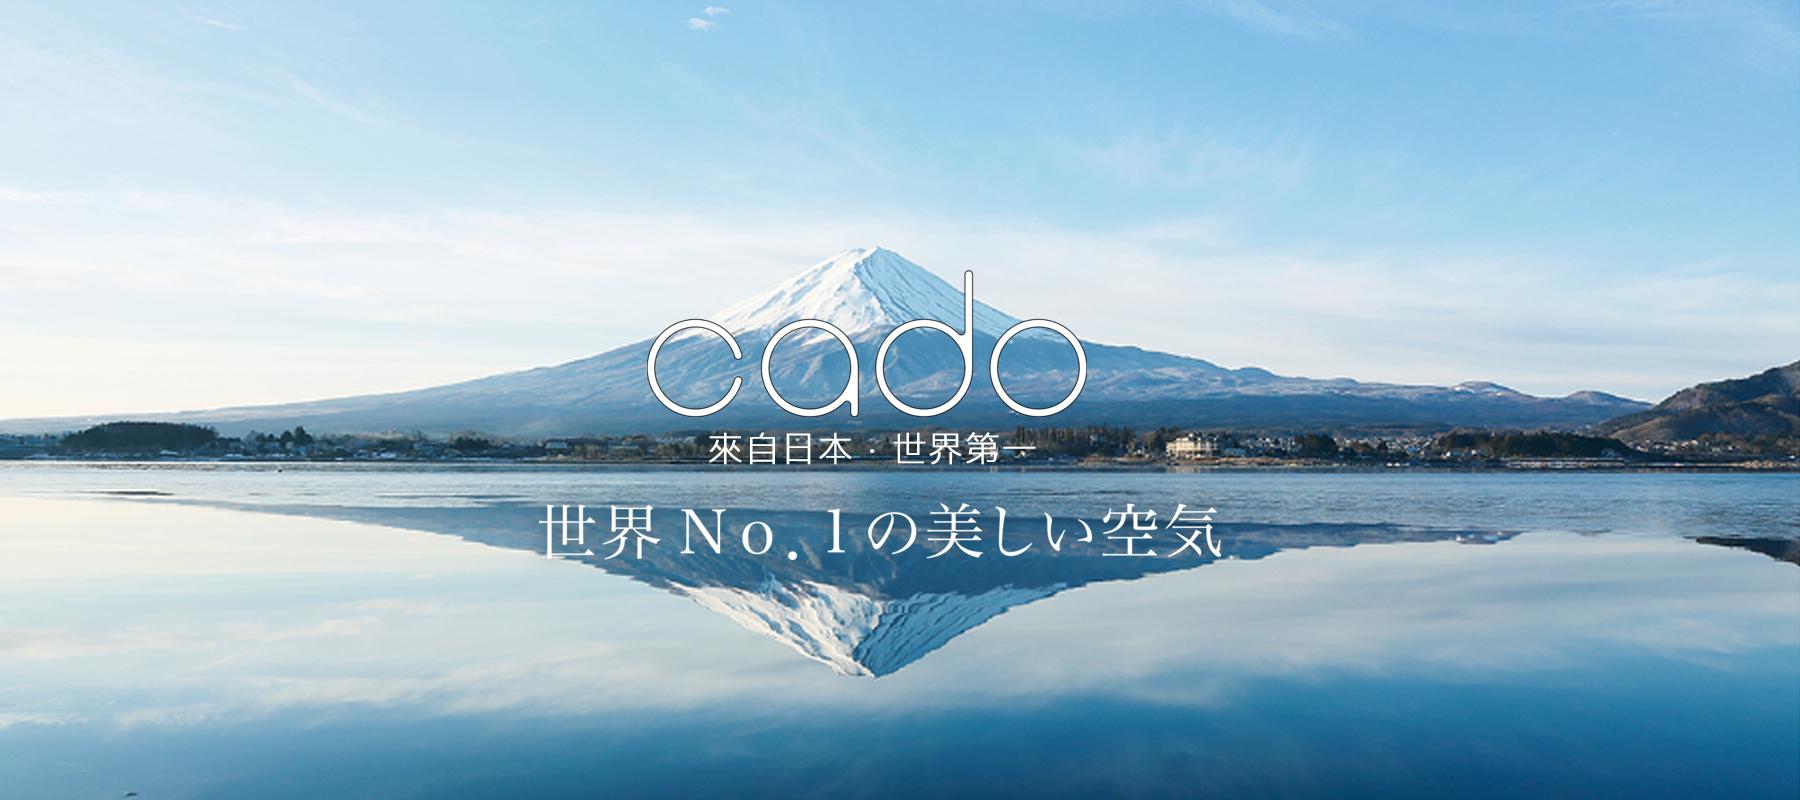 cado_01